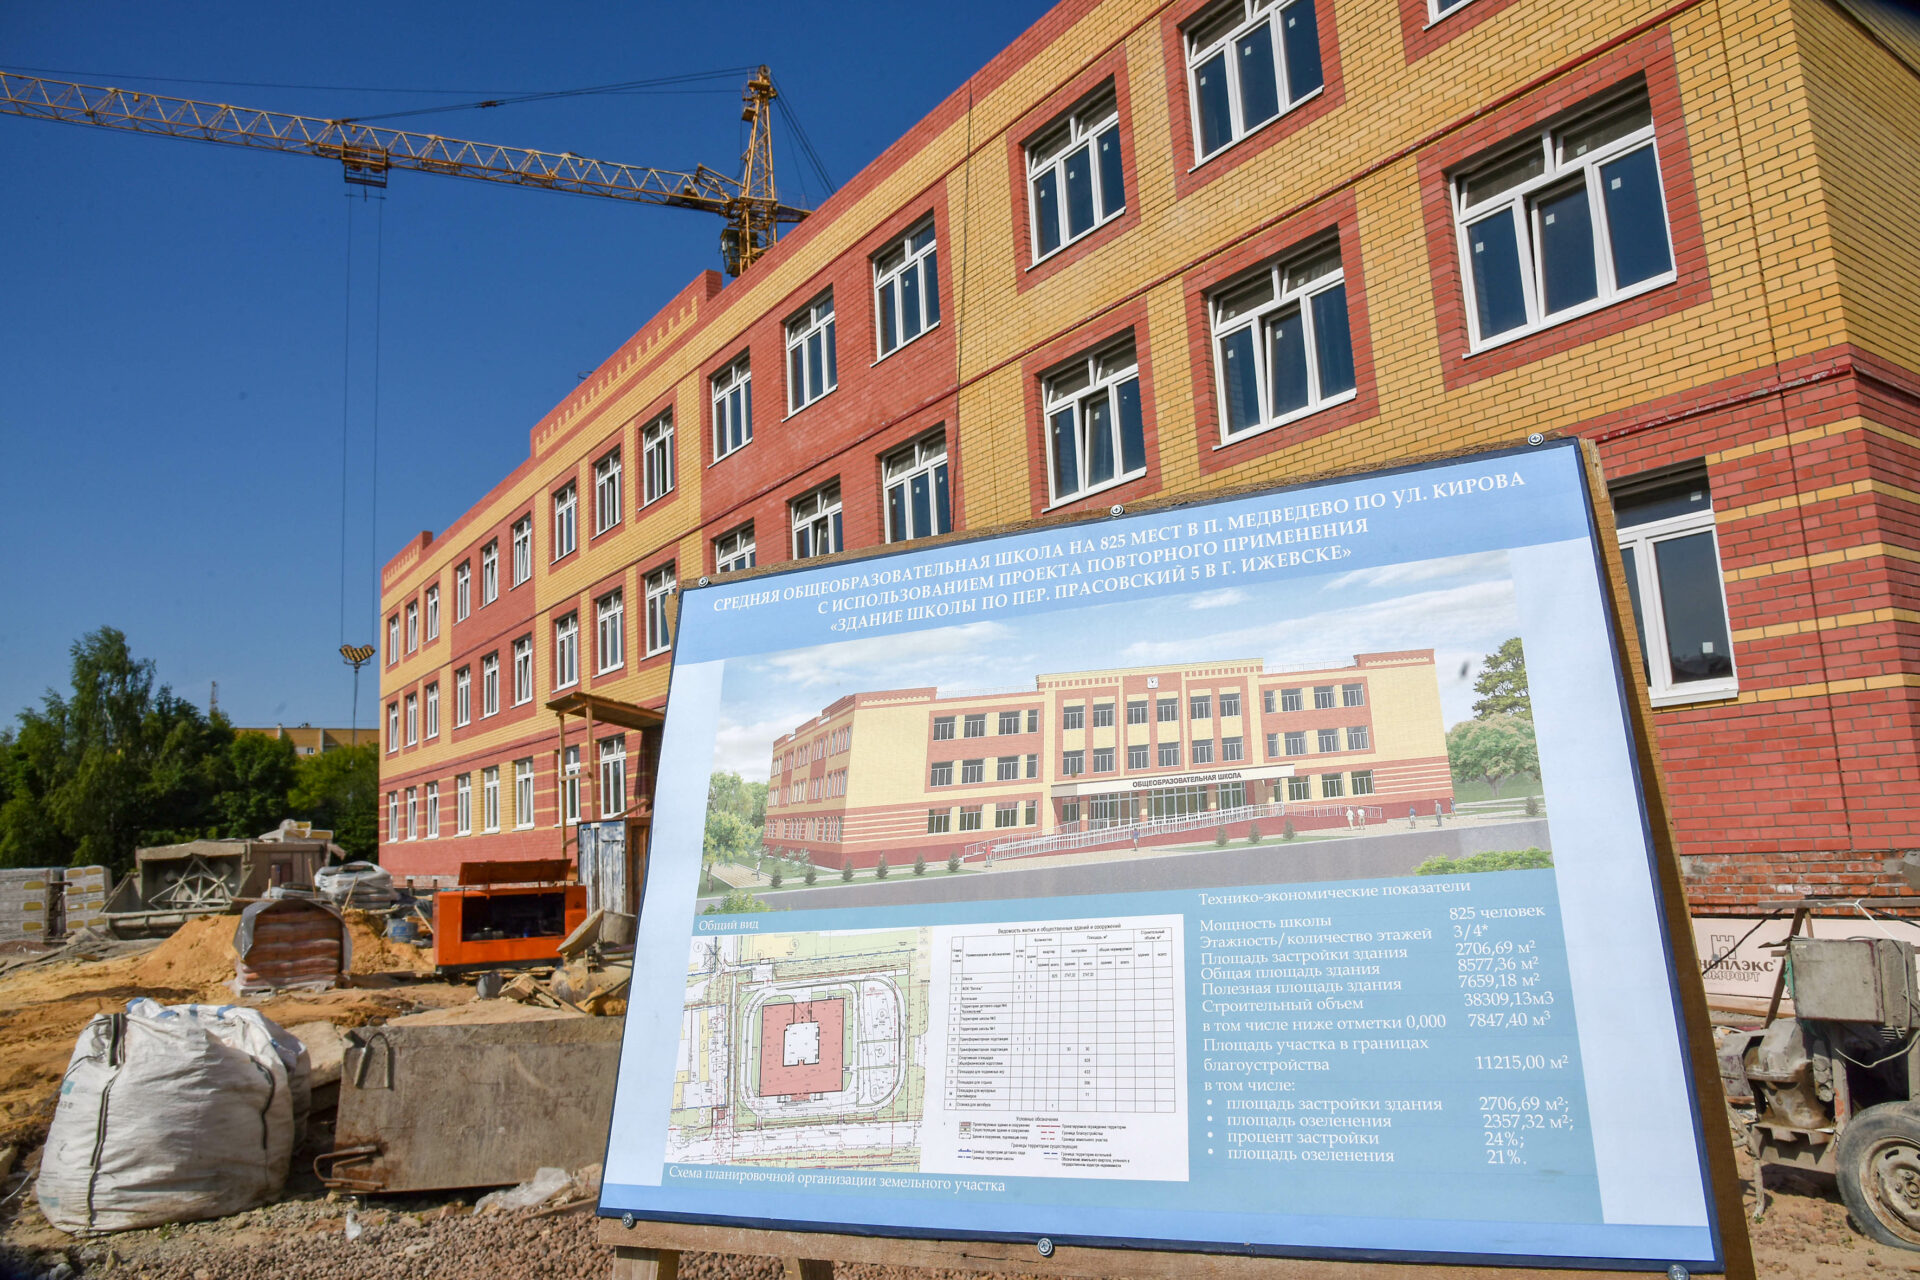 Новая школа в Медведеве откроется 1 сентября 2022 года